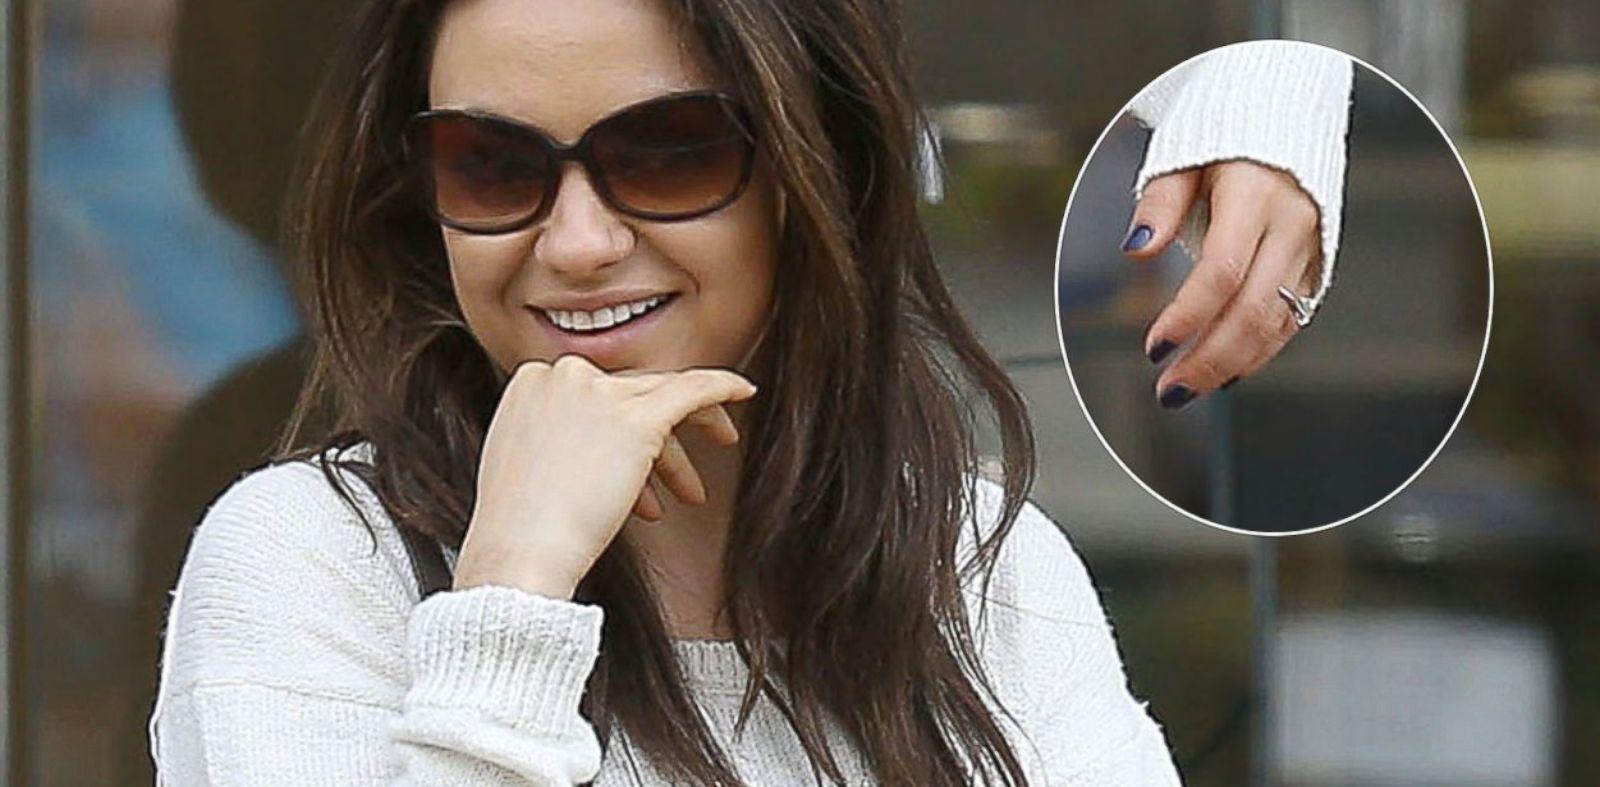 Mila Kuniss Engagement Ring From Ashton Kutcher New